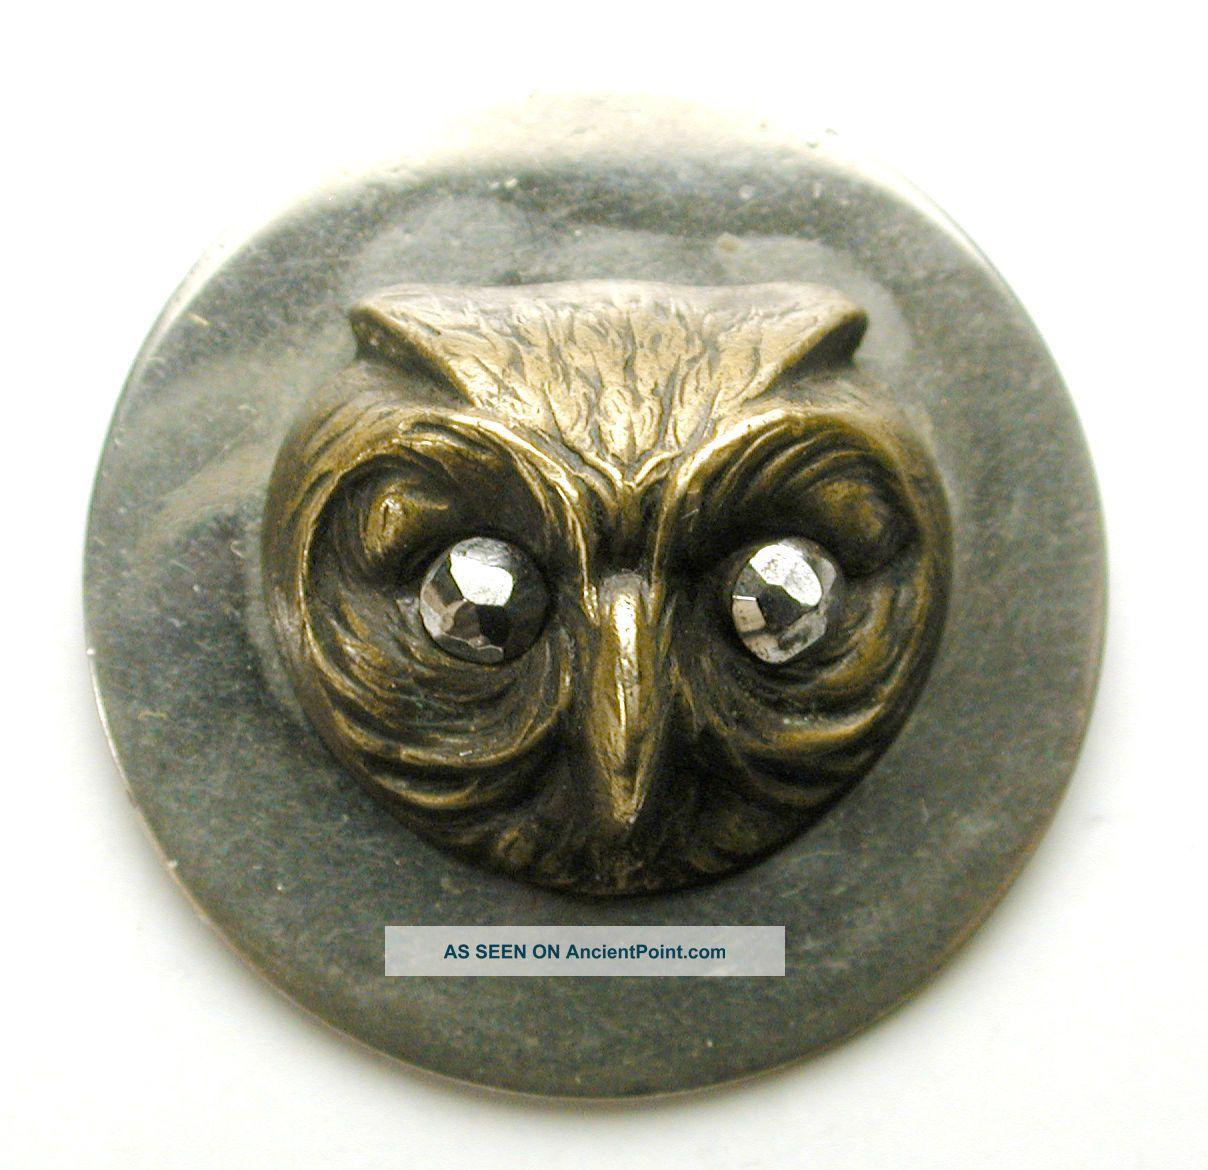 Med Sz Antique Brass On Steel Disc Button Owl Head W/ Cut Steel Eyes - 15/16